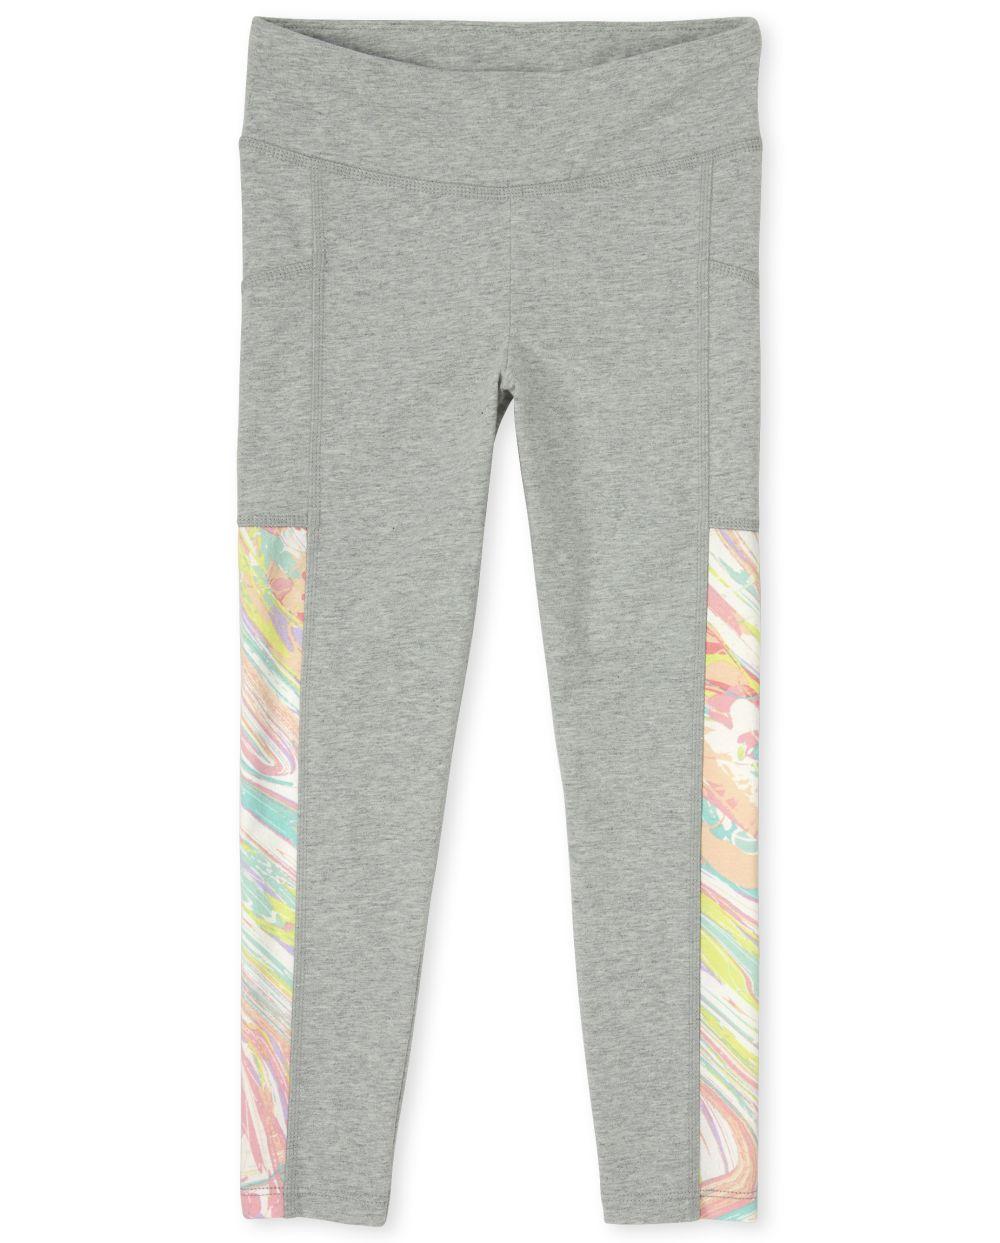 Girls Side Stripe Pocket Hi-Rise Leggings - Gray